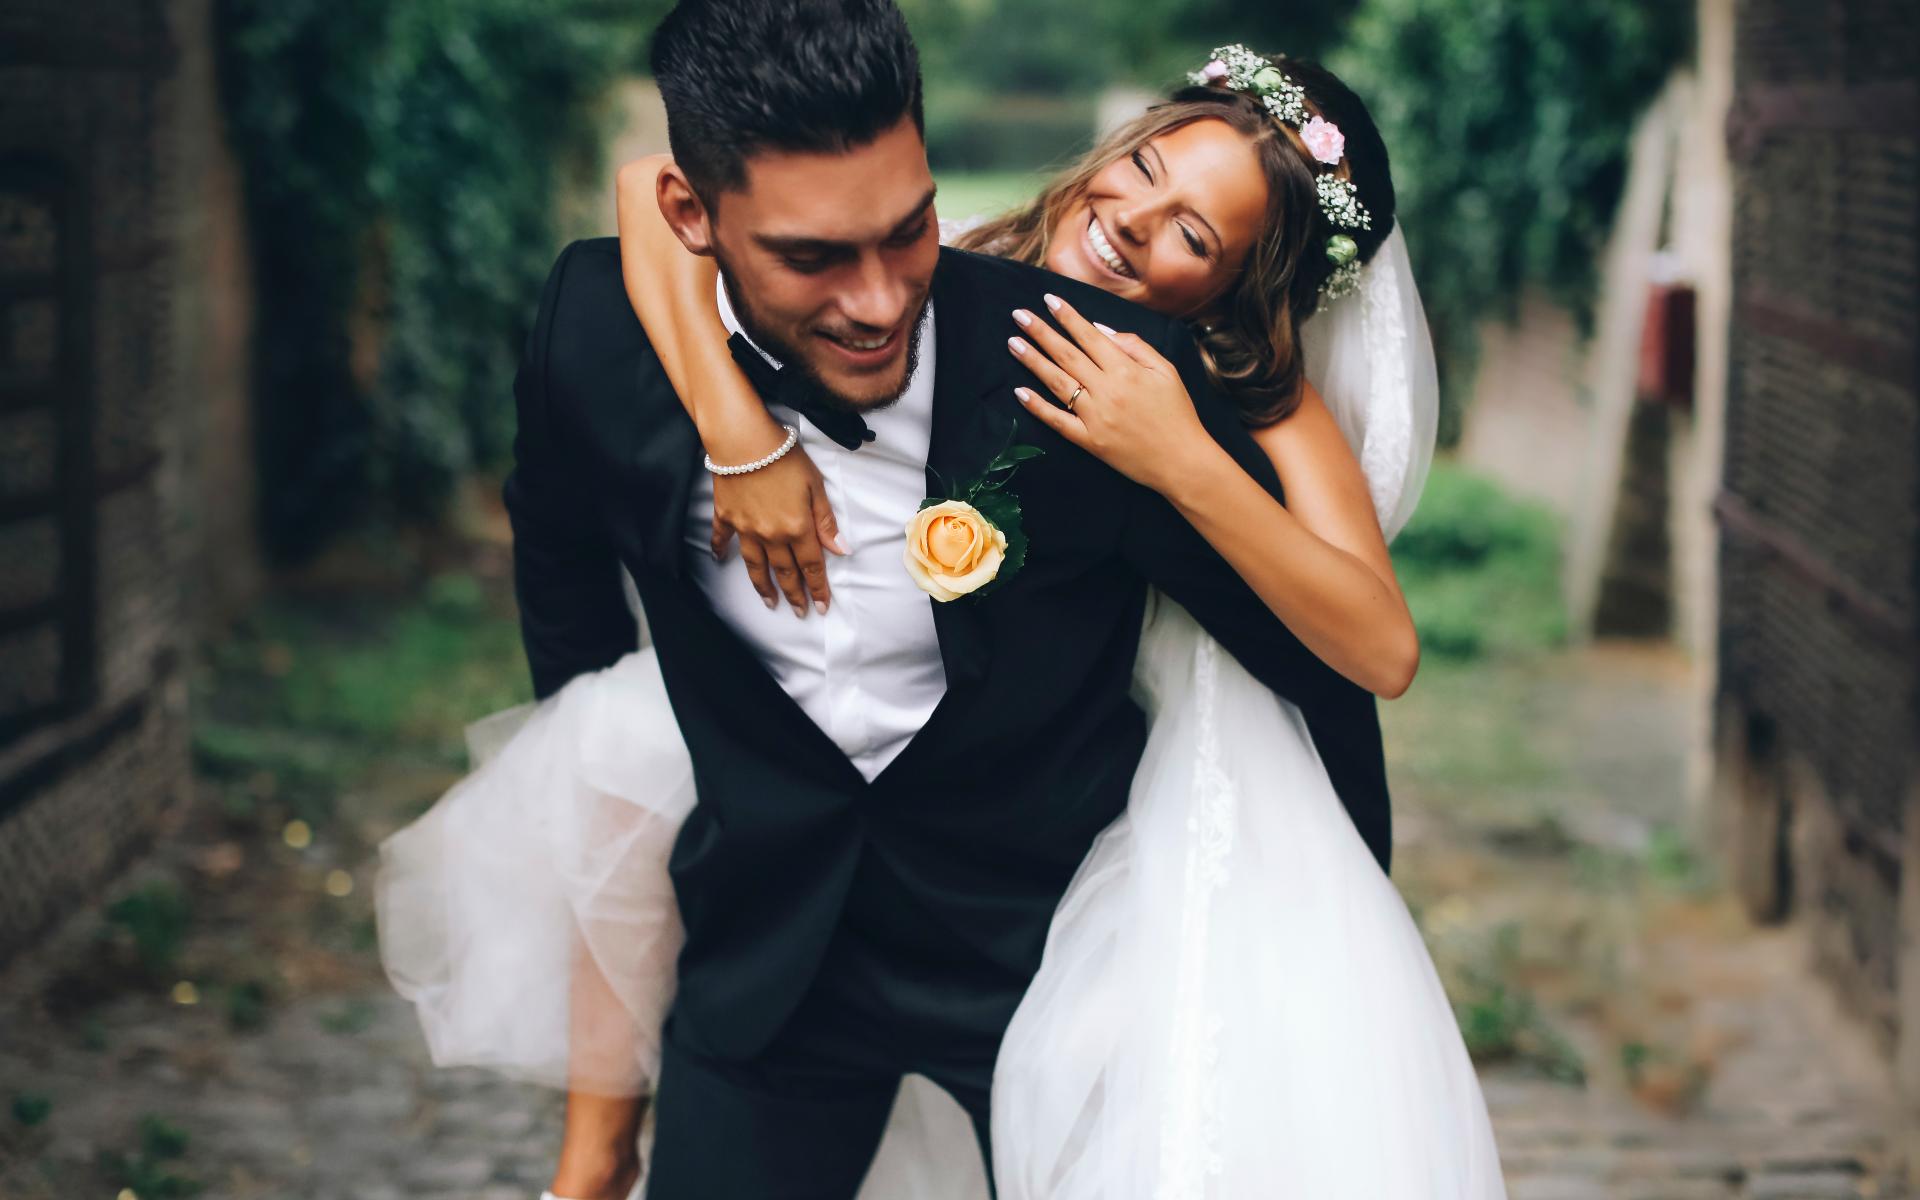 Самый страшный день: 8 его опасливых мыслей перед свадьбой